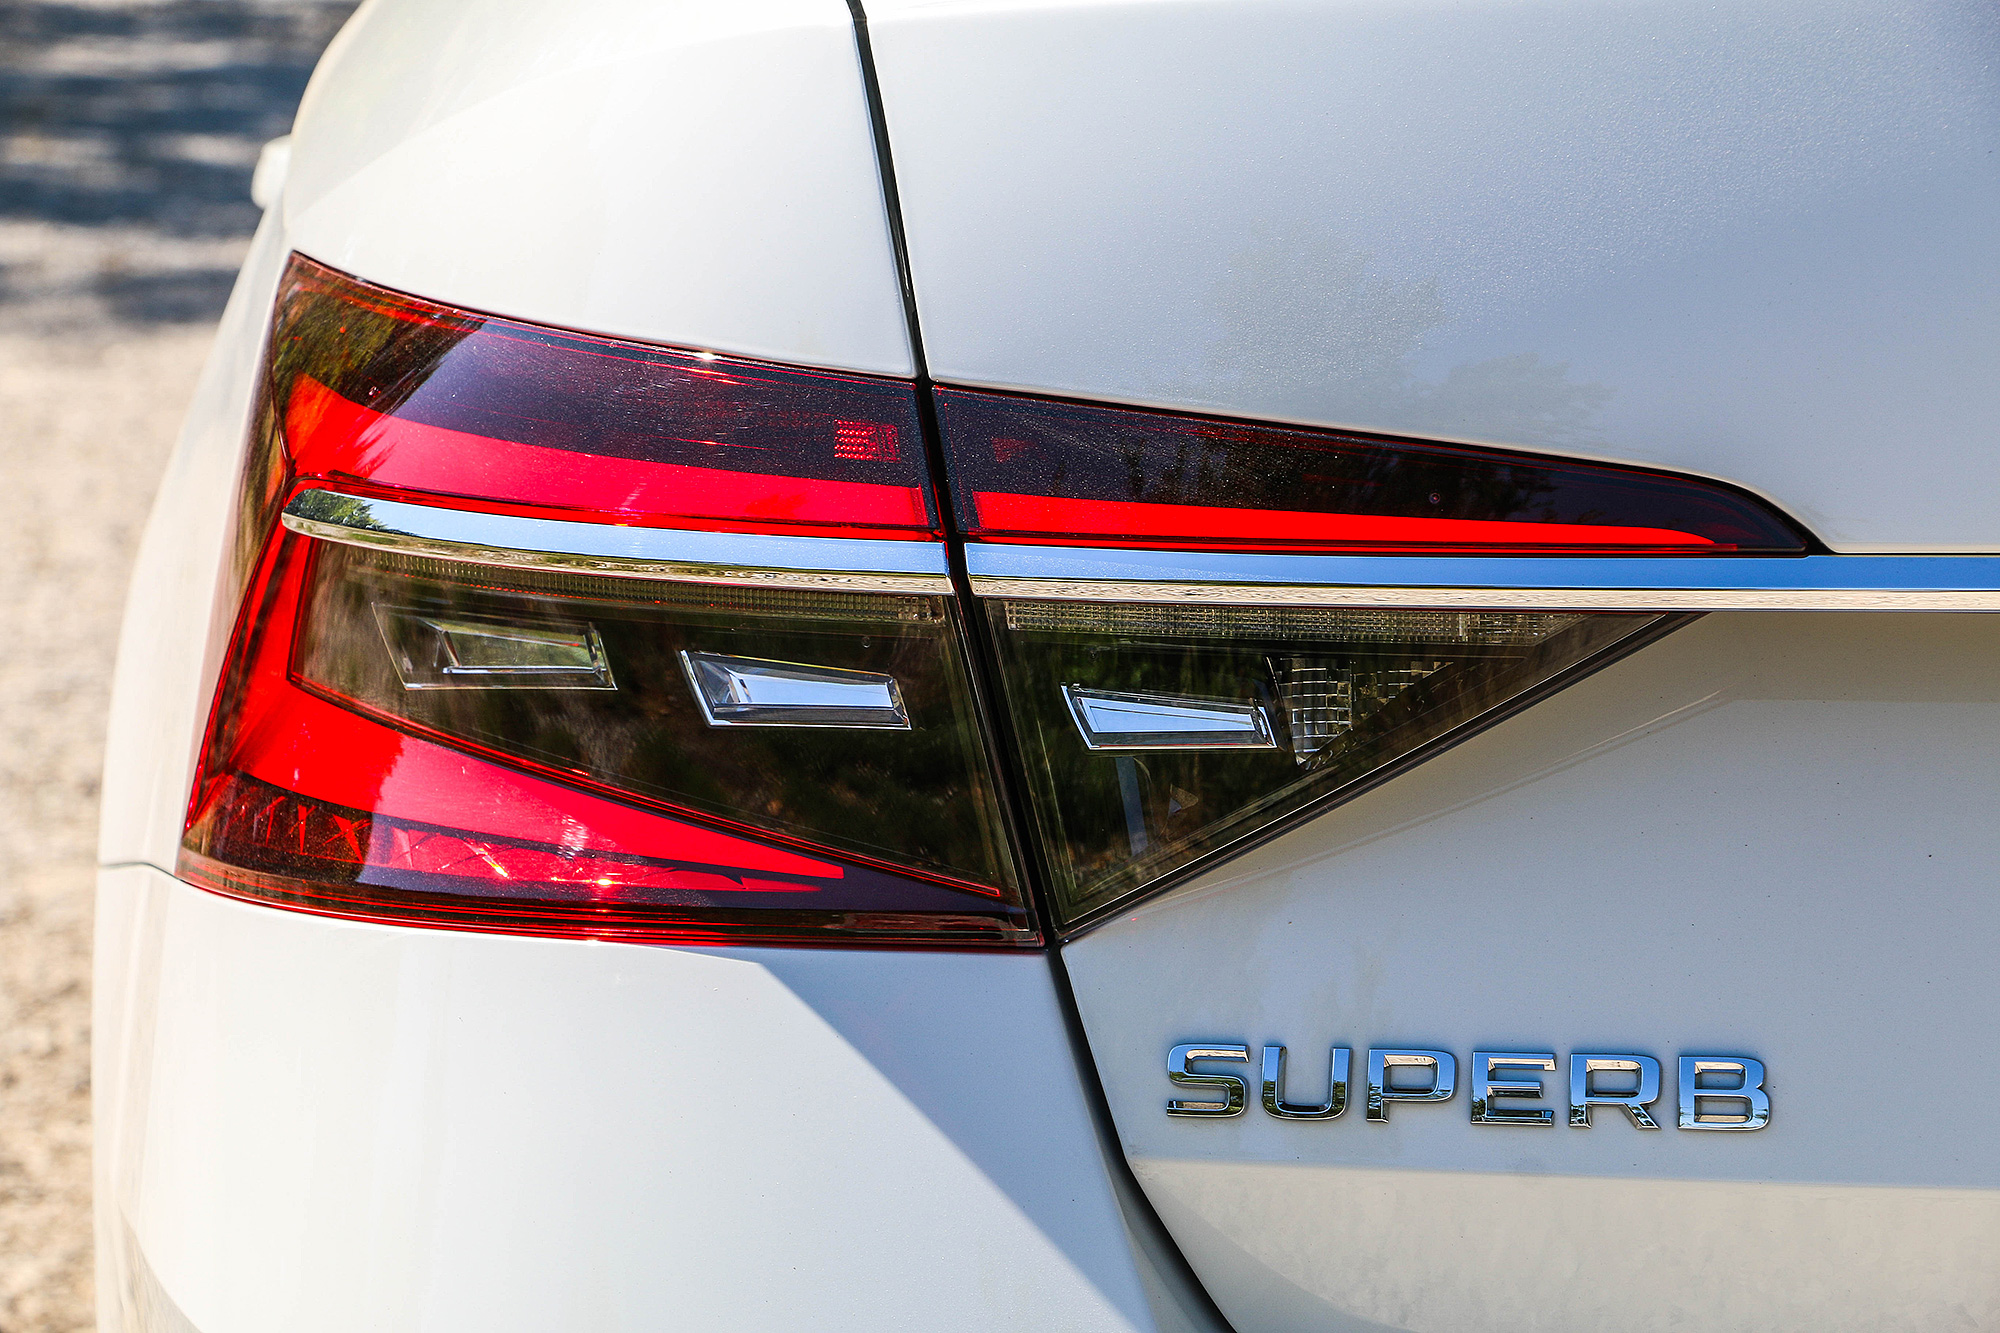 車尾除了更具尊榮感的鍍鉻飾條外,燈組也改為全 LED 燈組,並且加入動態顯示方向燈。